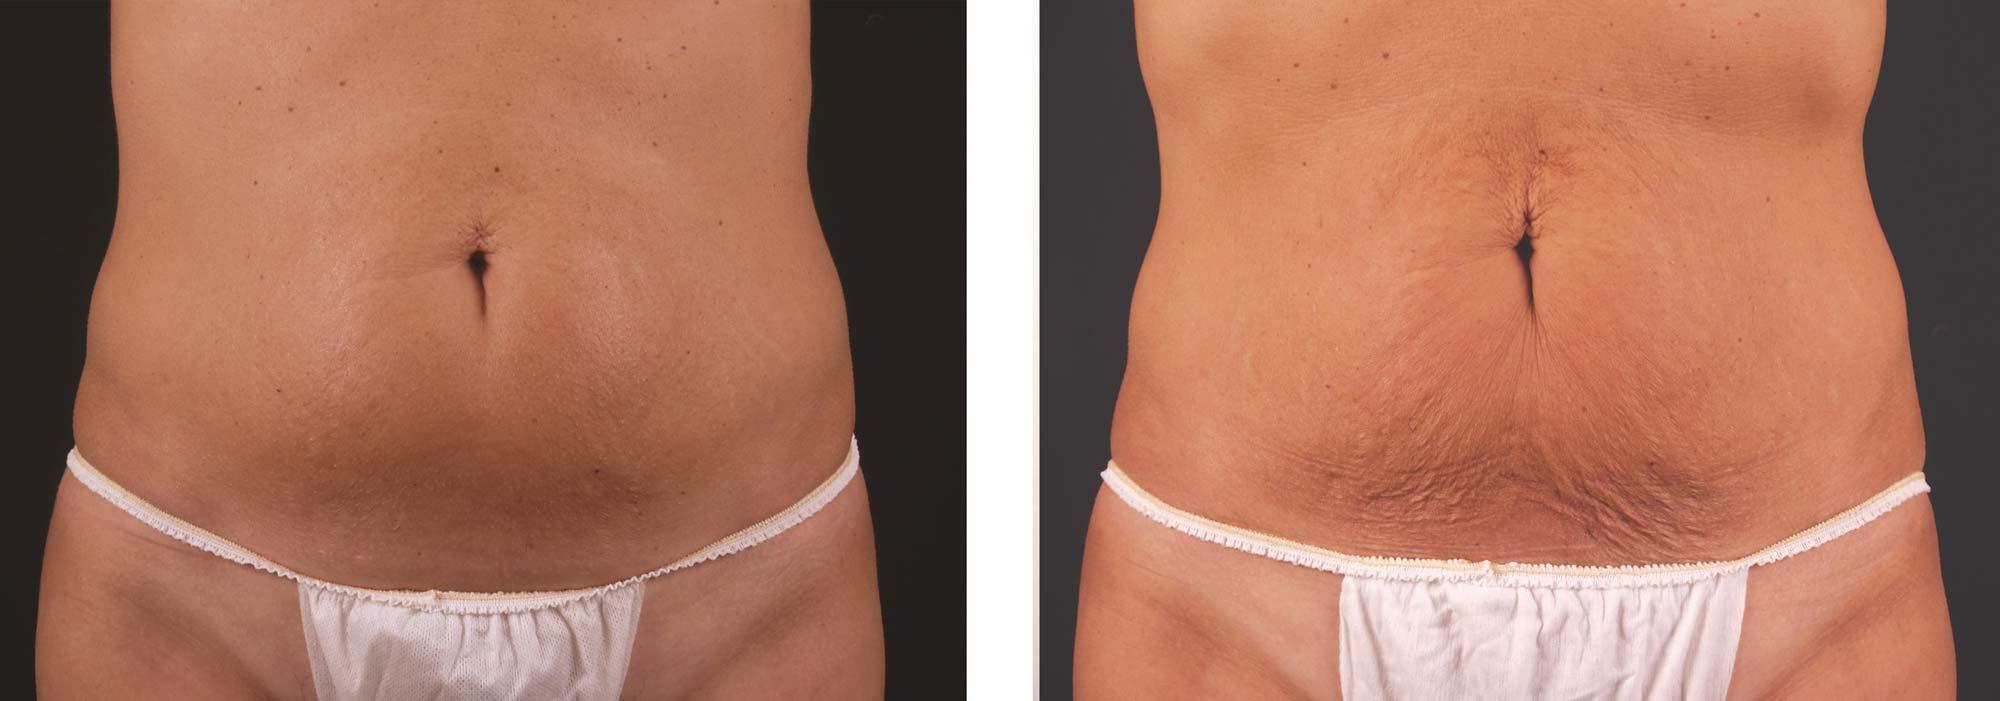 efekty zabiegów skinshock x-wave przed i po brzuch wrocław kaniowscy